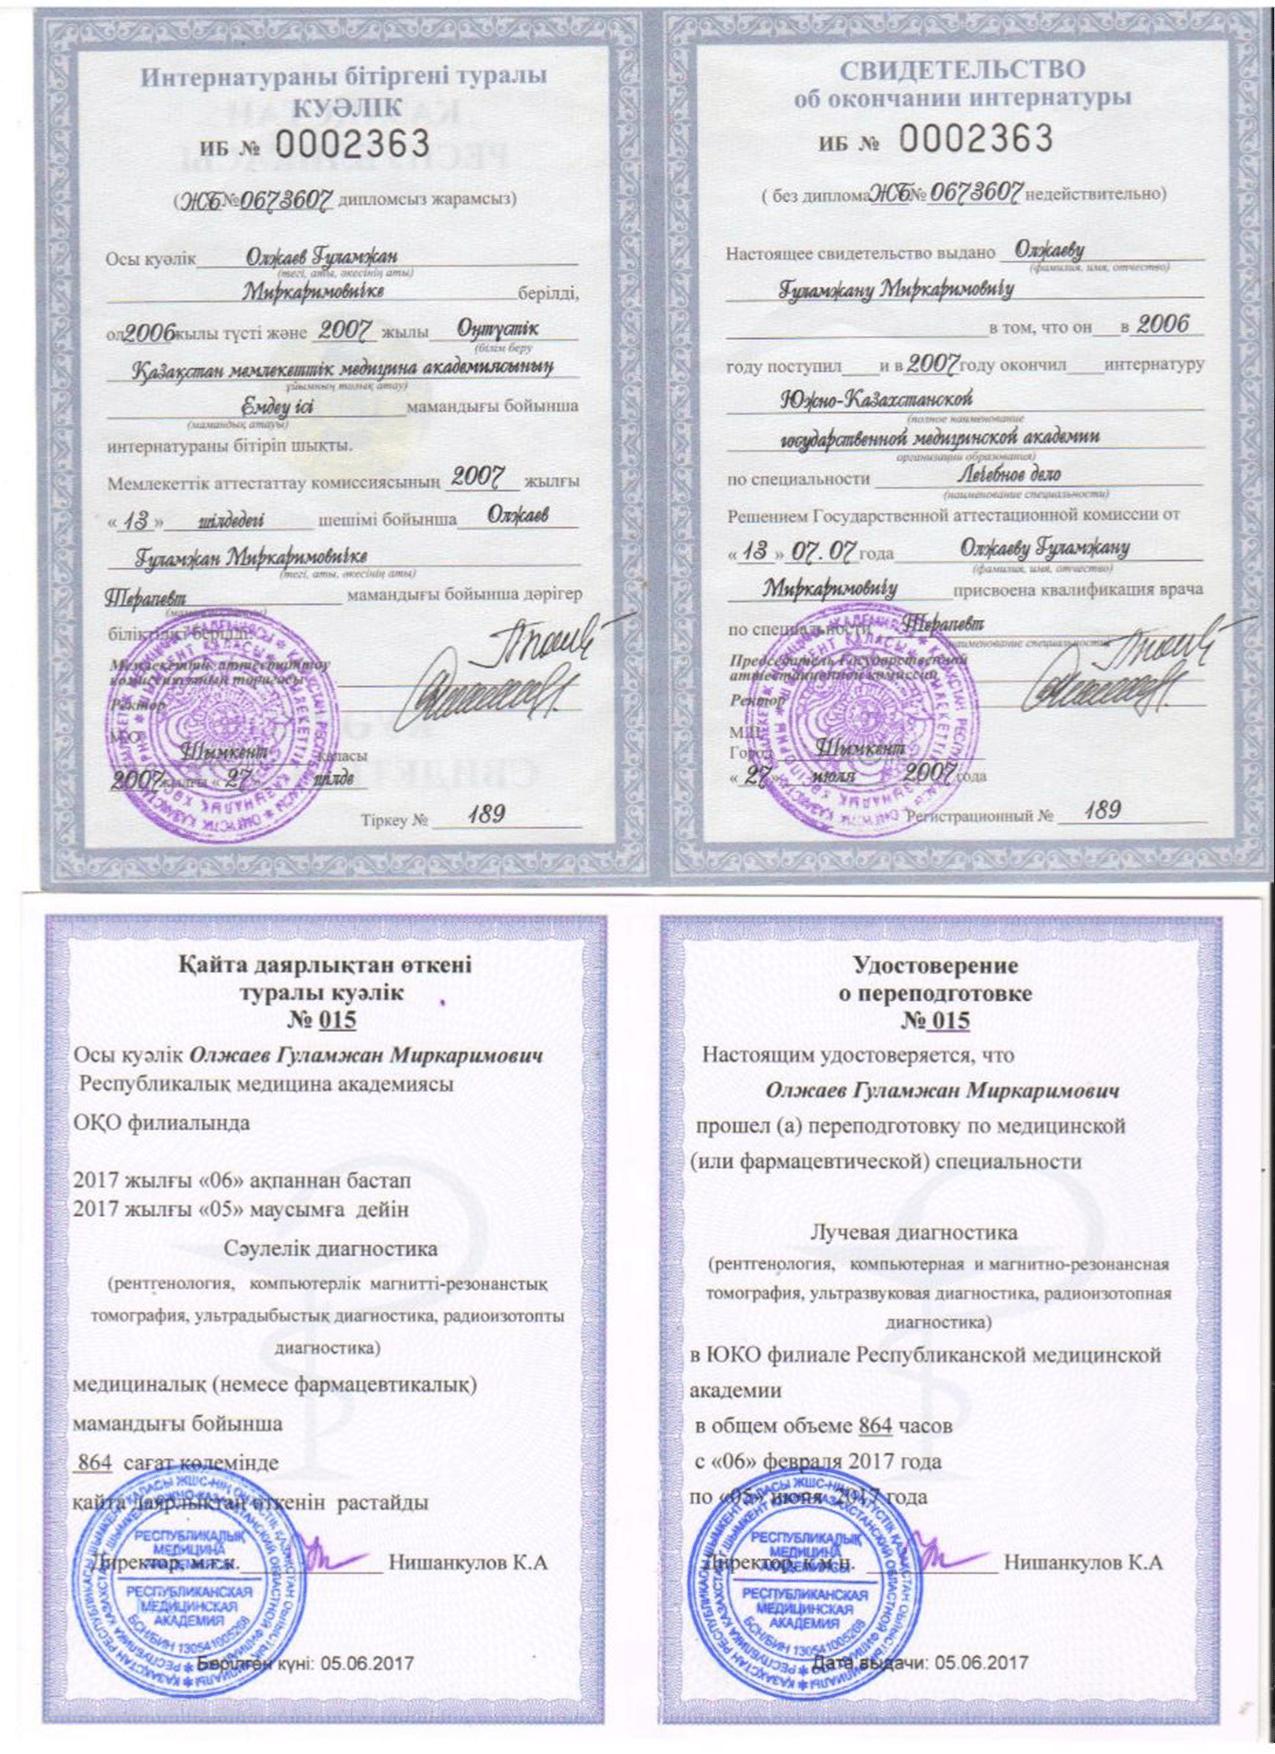 Интернатура Терапевт клиники Akniet Shipa сайрамский р-н. с. Карабулак